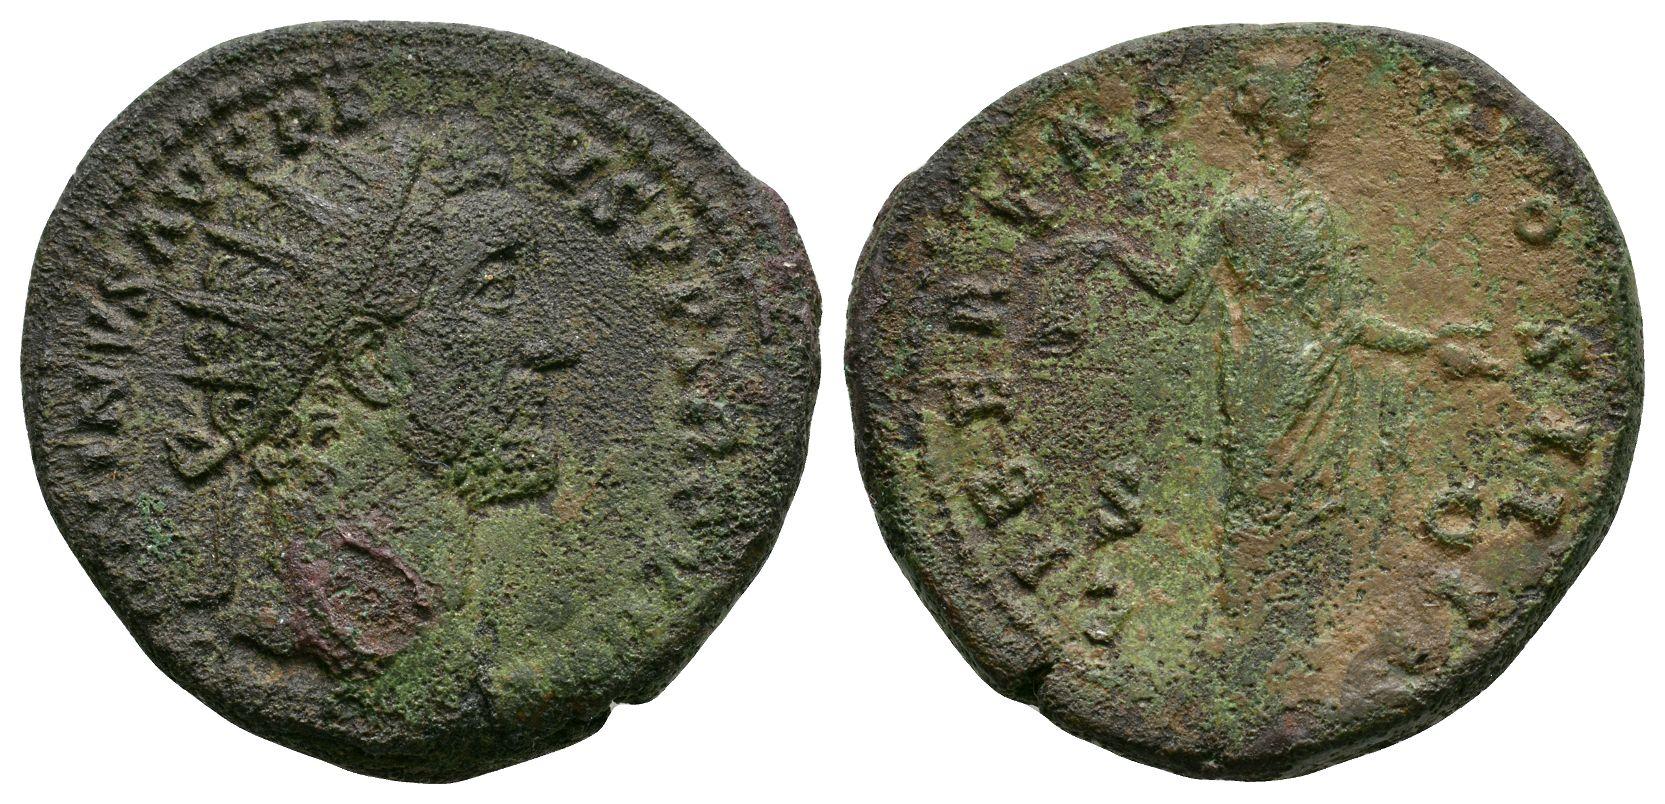 Roman Imperial Coins - Antoninus Pius - Libertas Dupondius